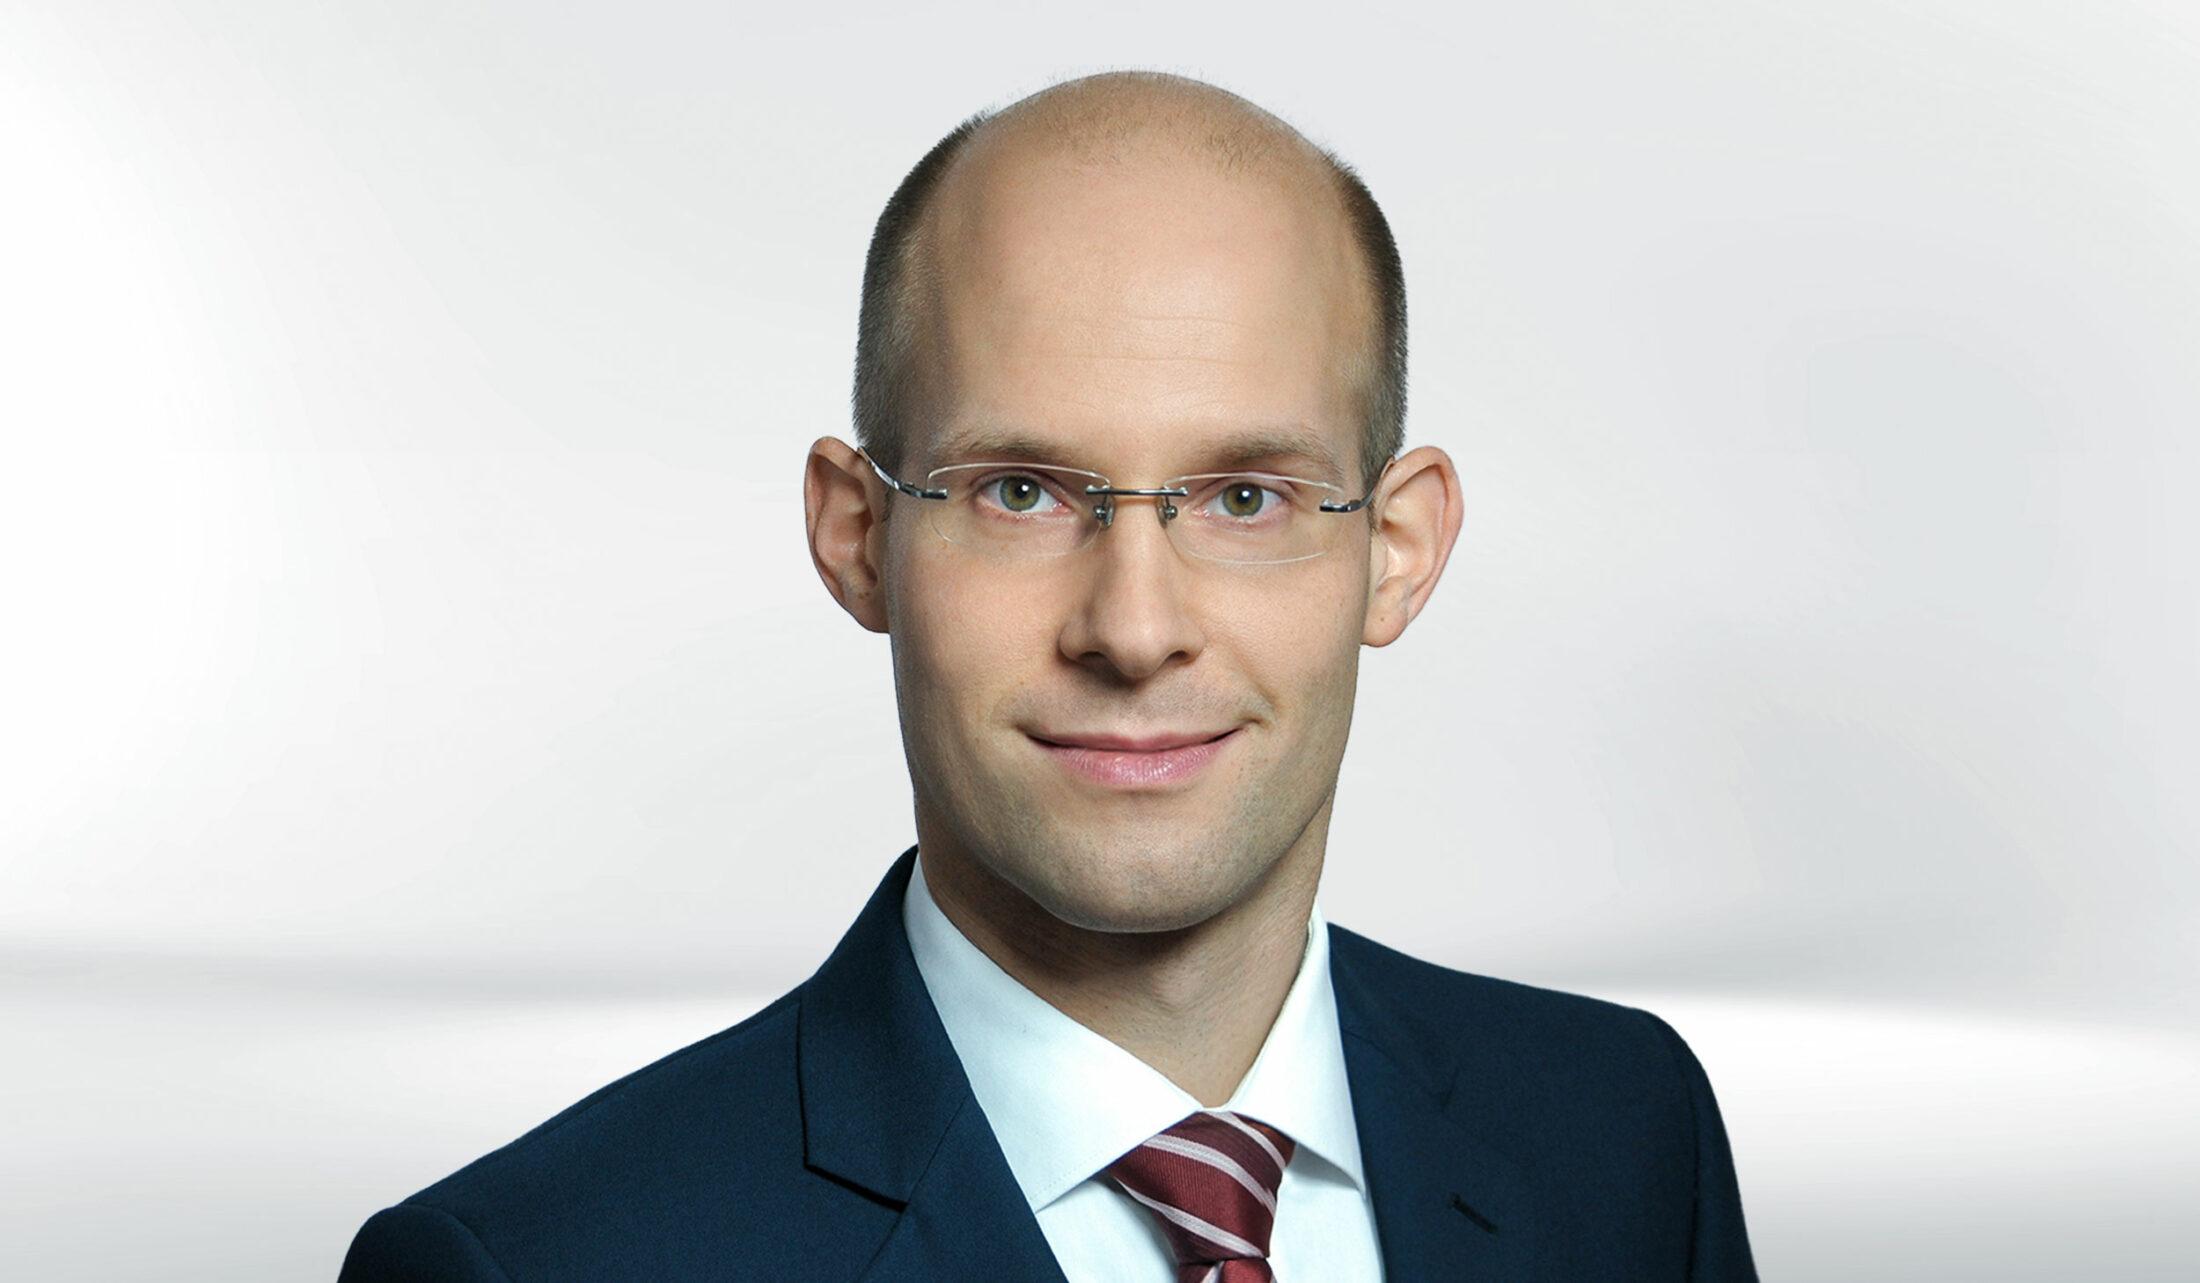 Michael Tertilt, Portavis, ein Unternehmen der DATAGROUP